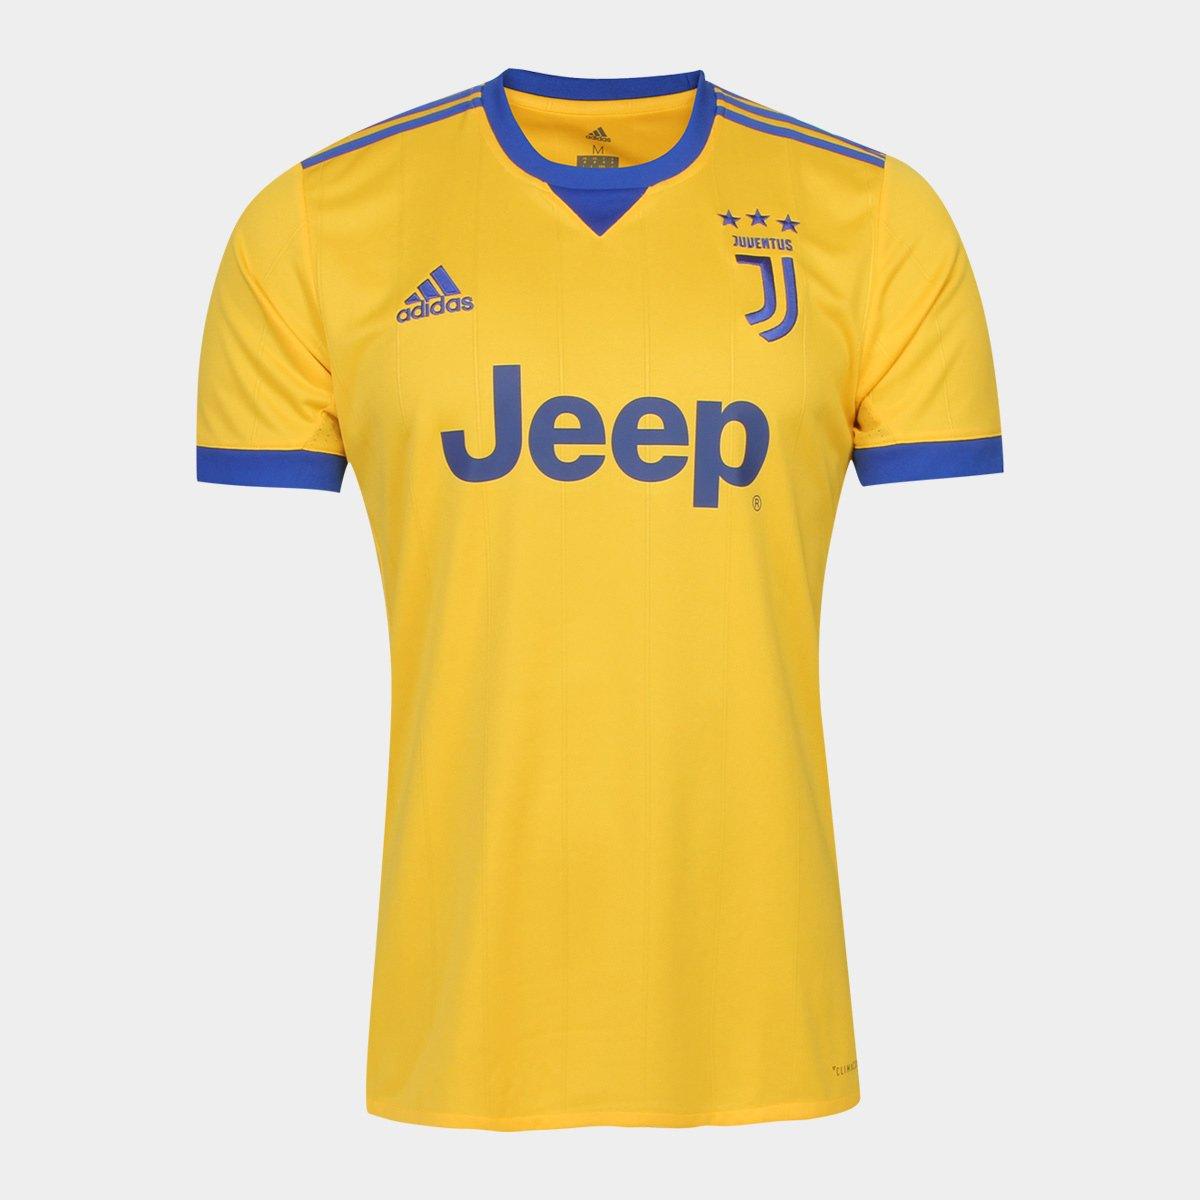 Camisa Juventus Away 17 18 s nº Torcedor Adidas Masculina - Amarelo -  Compre Agora  b430488050c